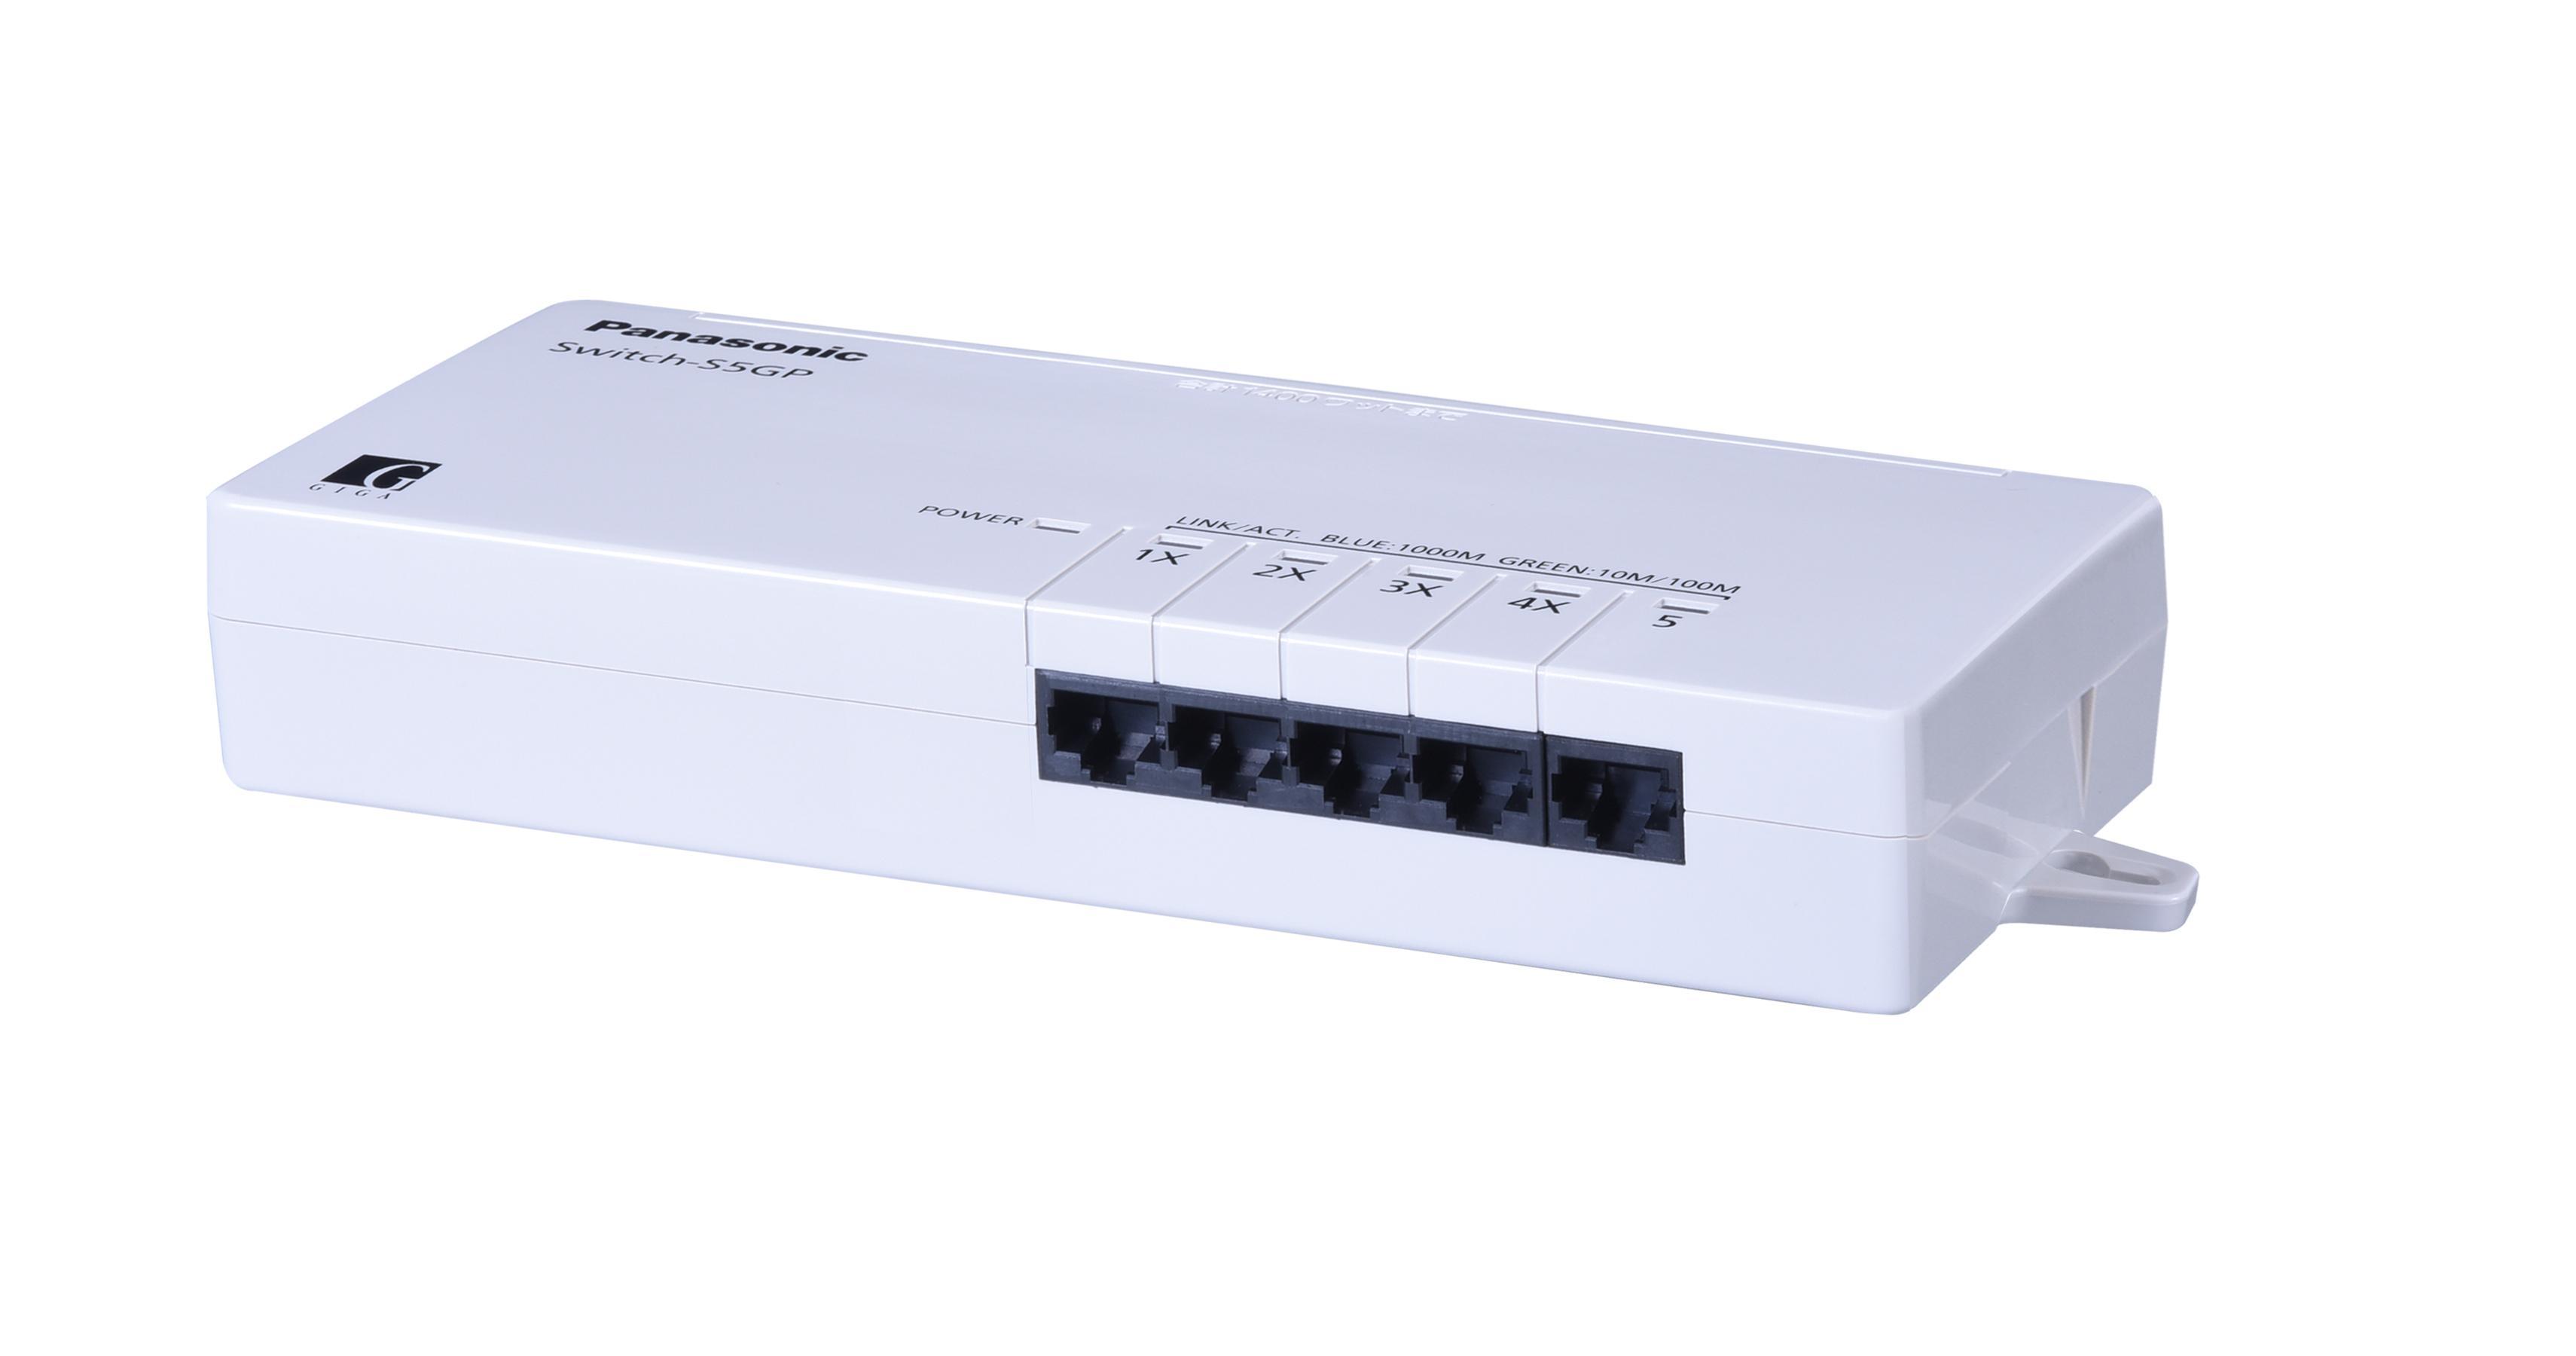 全ポートギガビット対応タップ型スイッチングハブ Switch-S5GP(LANポート側)